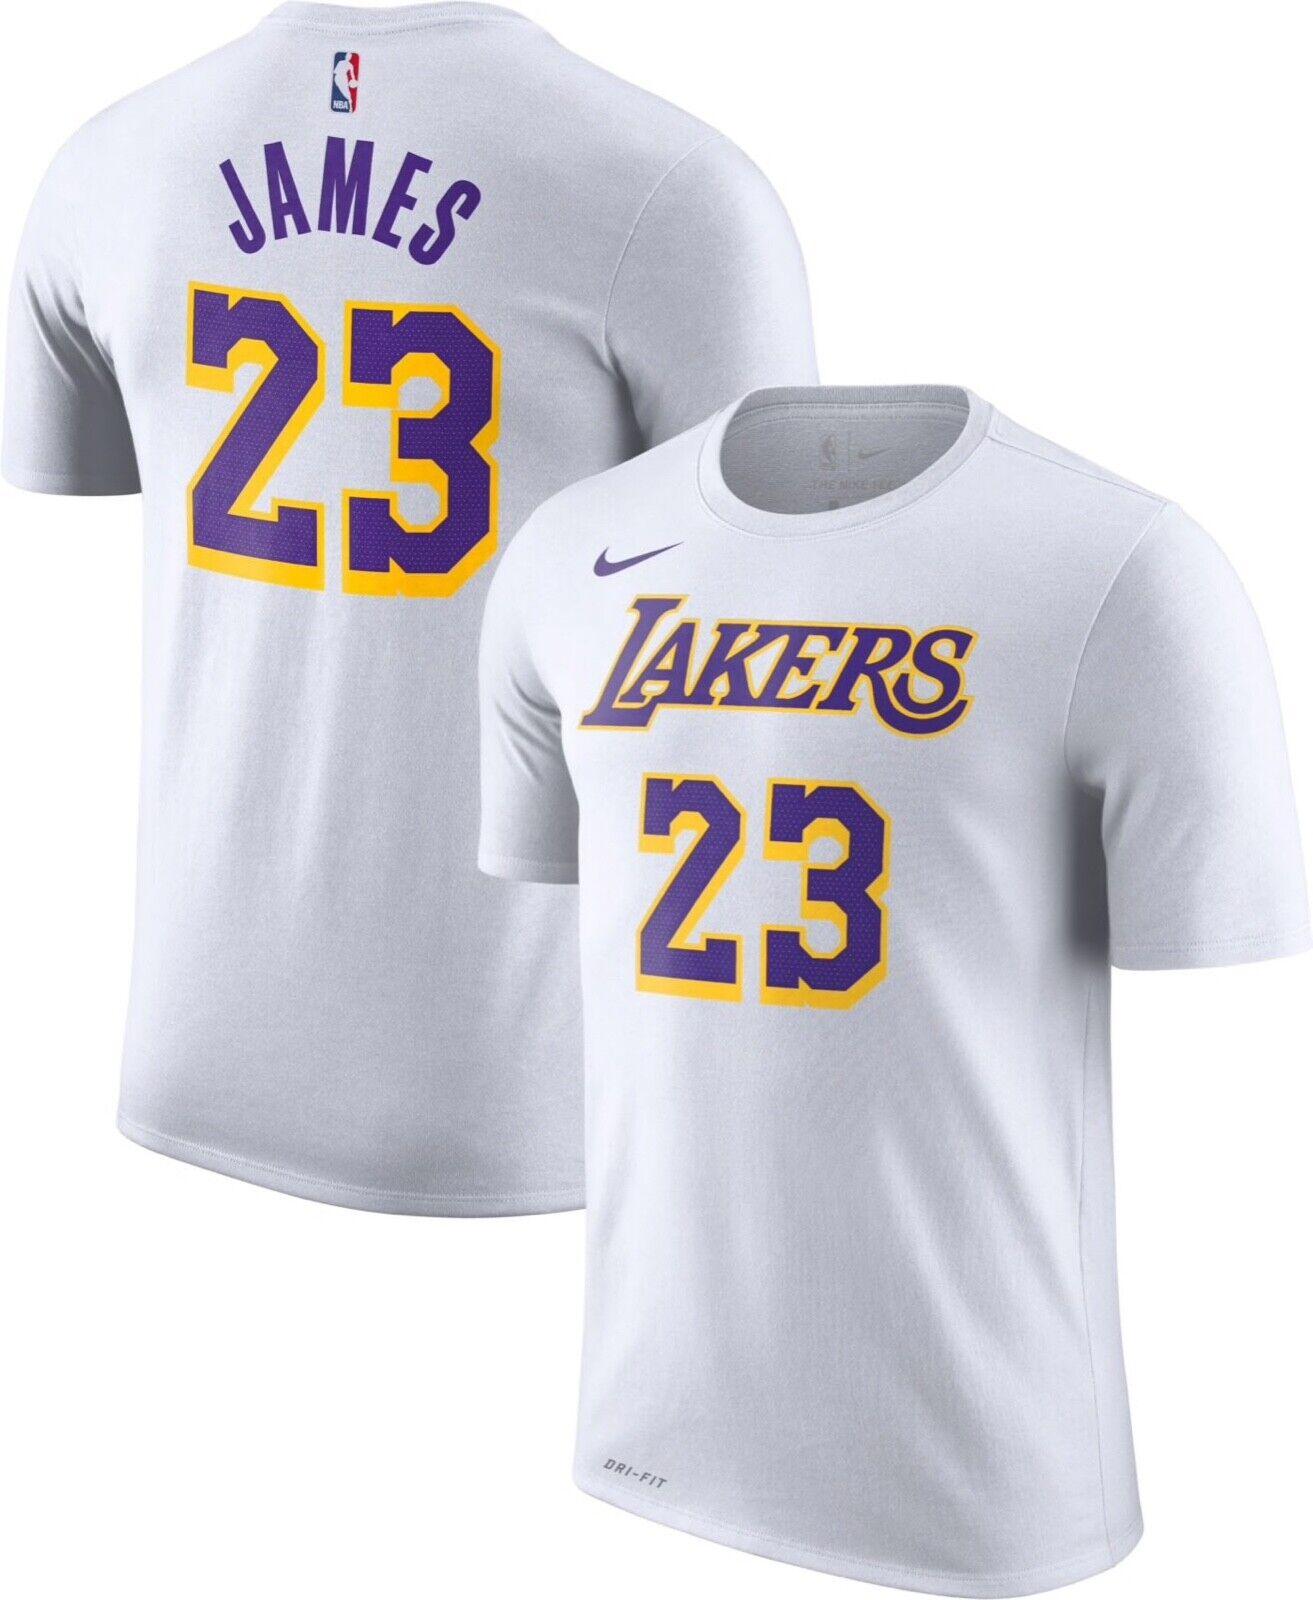 best service 3409d 7d4f2 Nike Lebron James Los Angeles Jersey White Purple Gold T-Shirt Men's Size  S-3XL